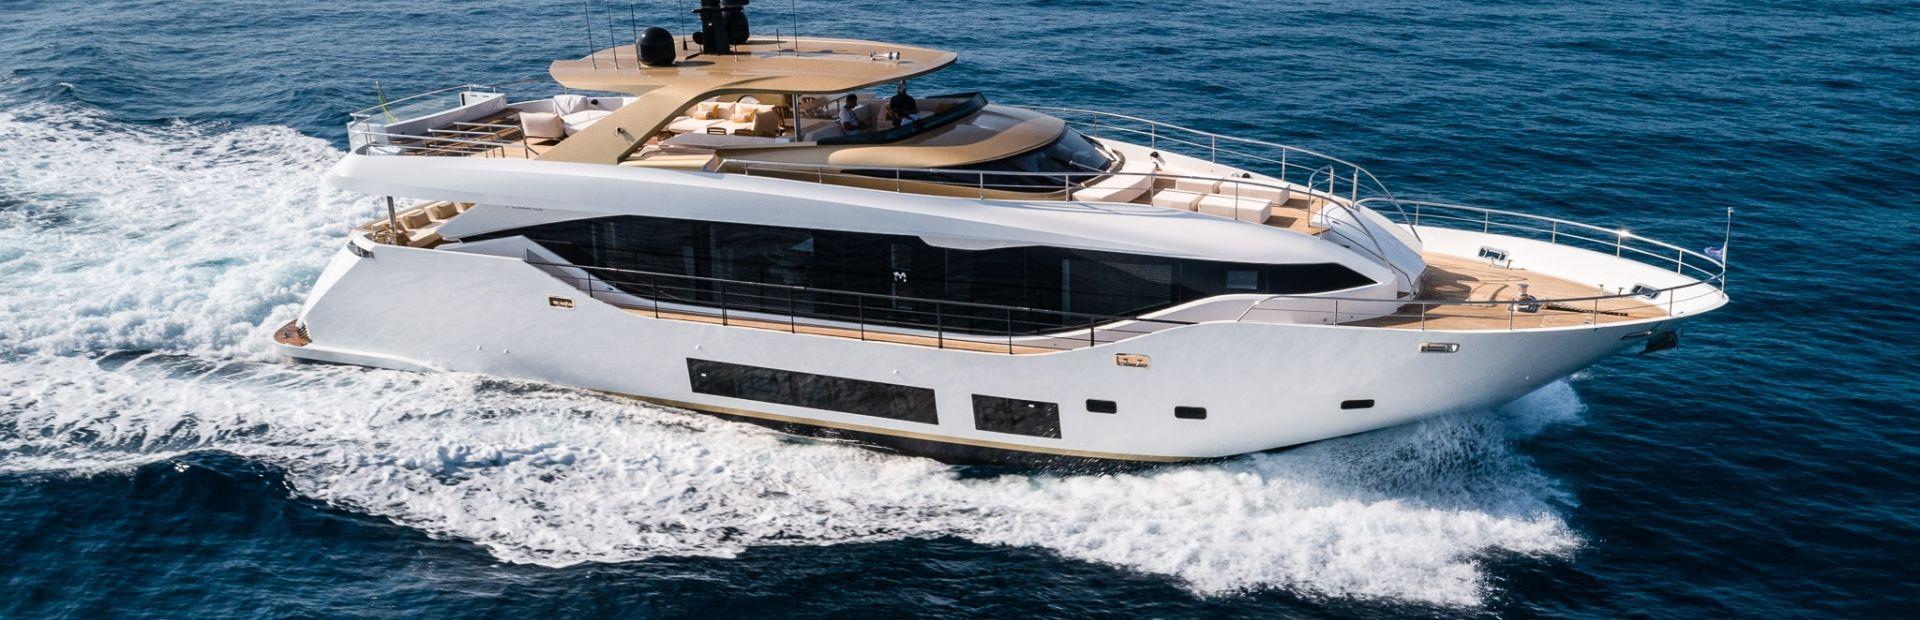 Maiora 30 Walkaround Yacht Charter